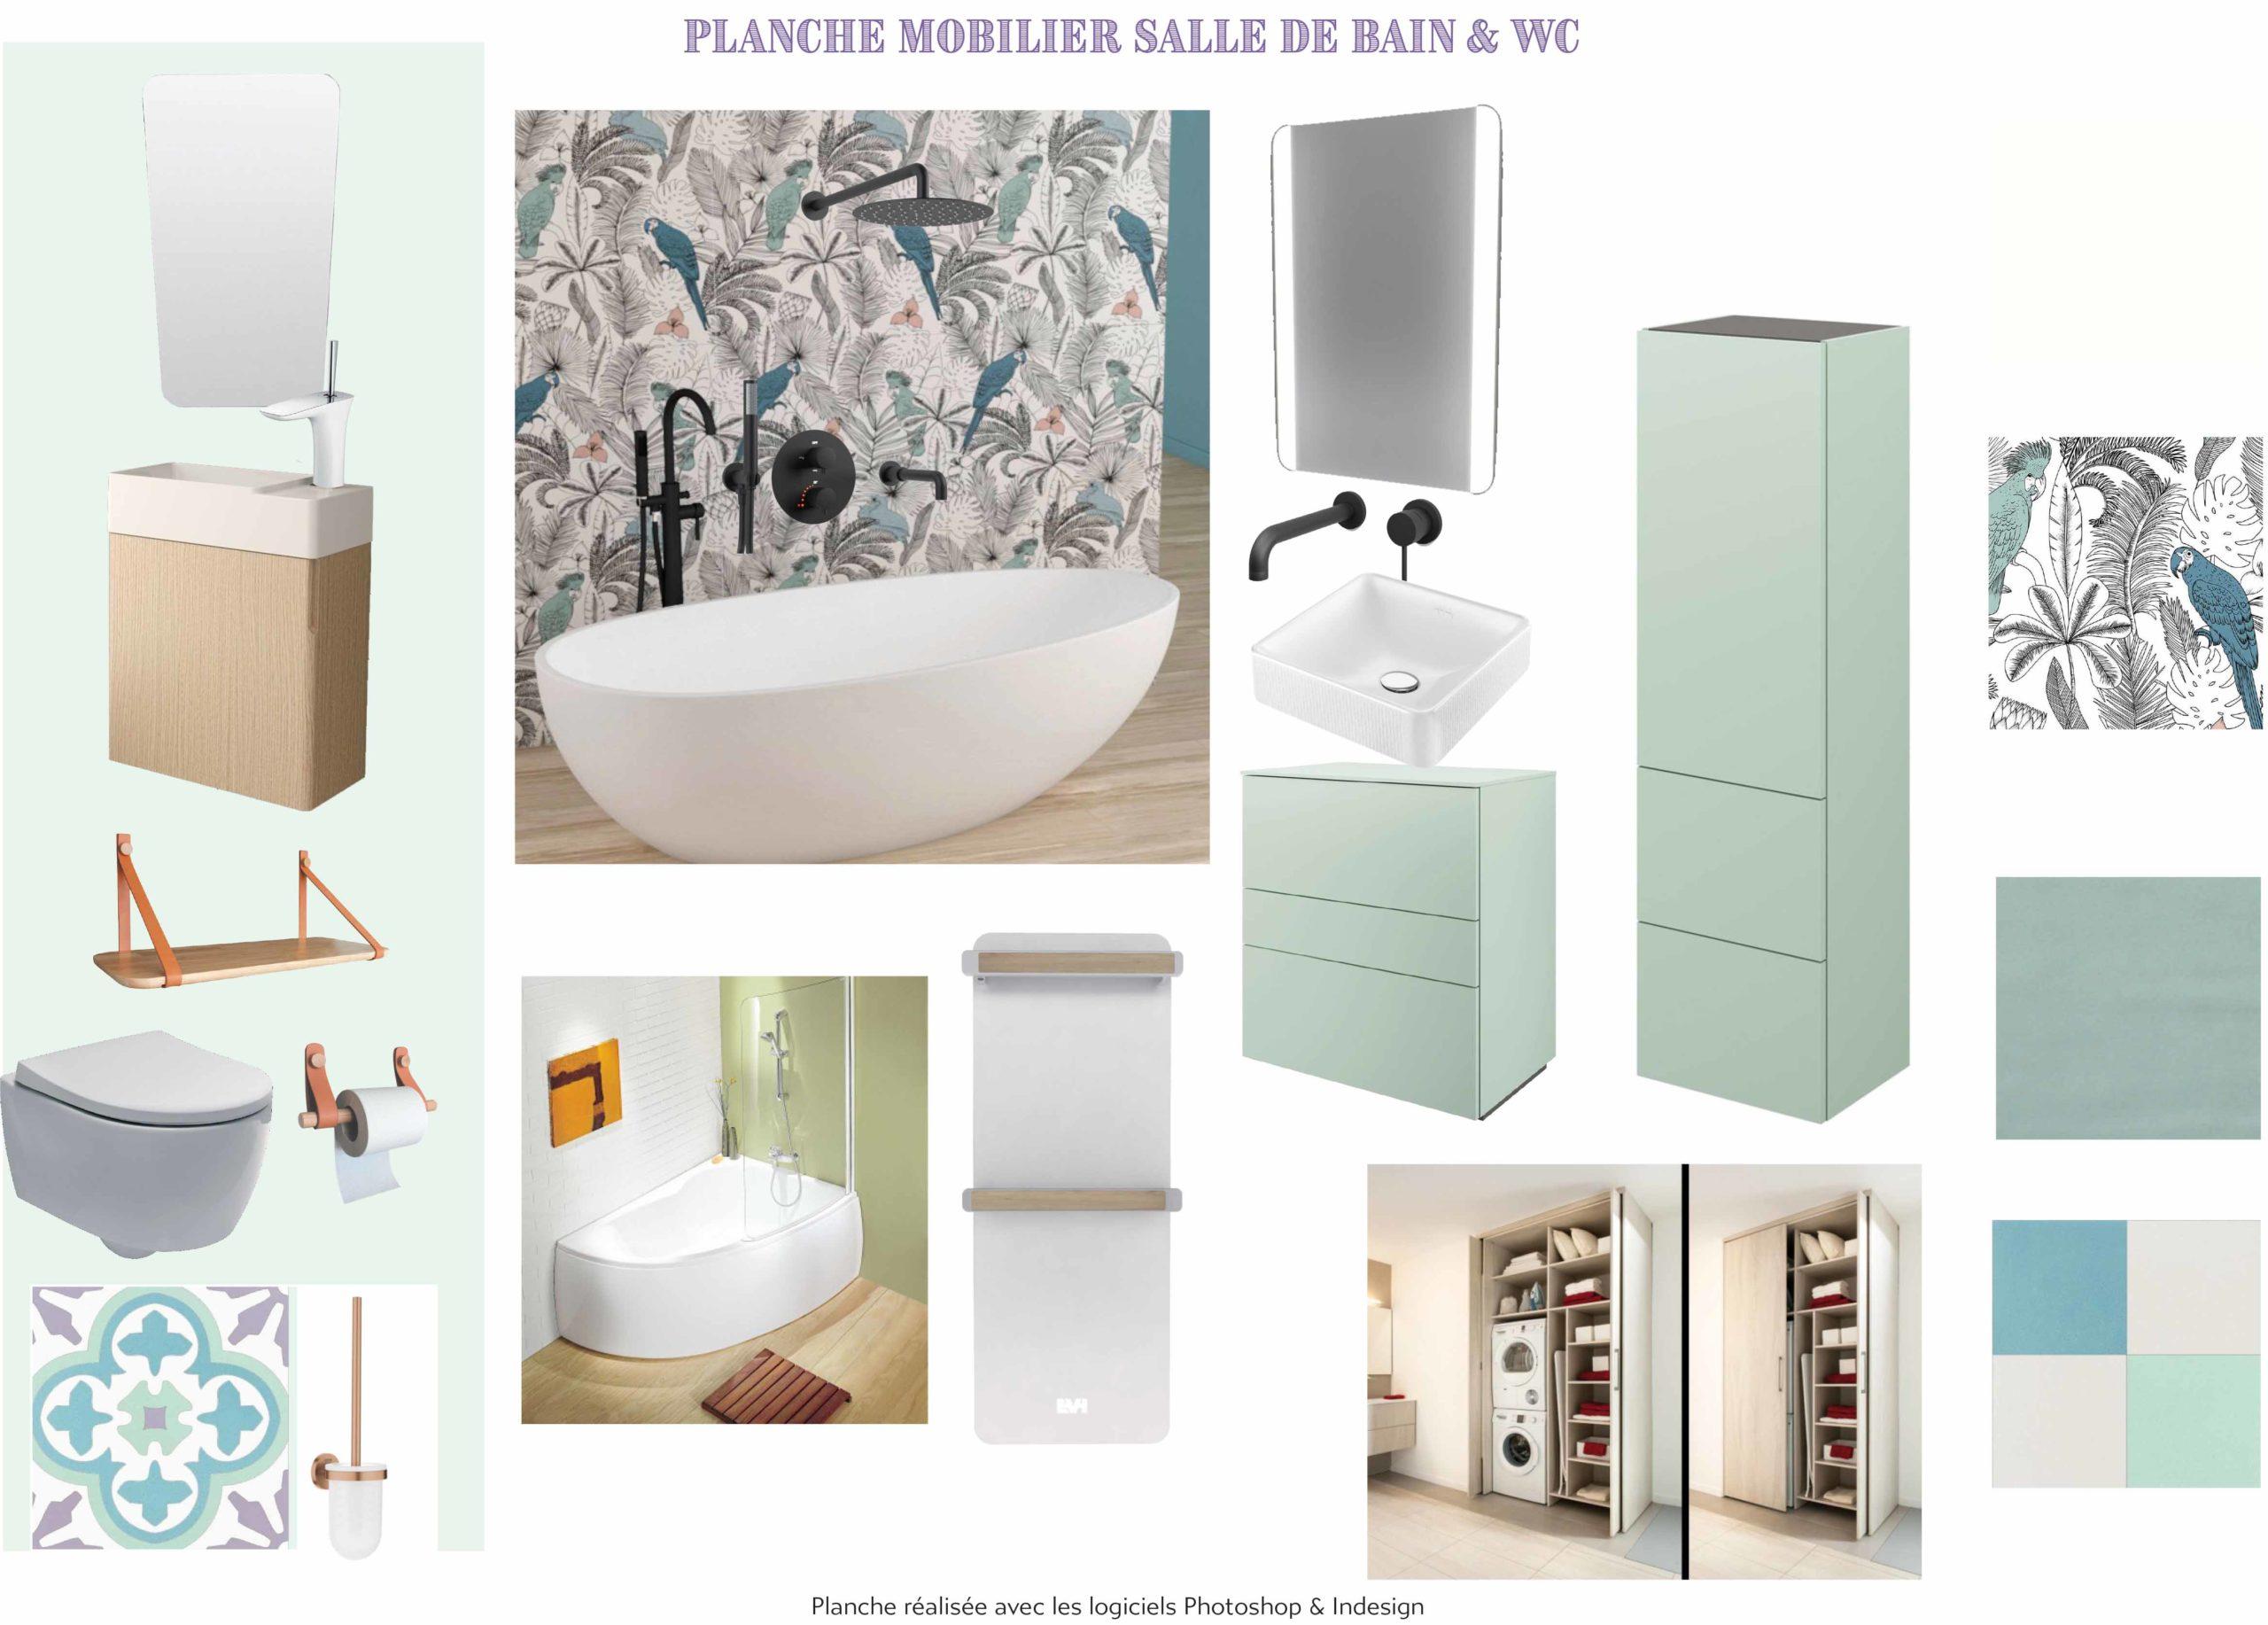 BOOK_planche mobilier Toilette et SDBpdf